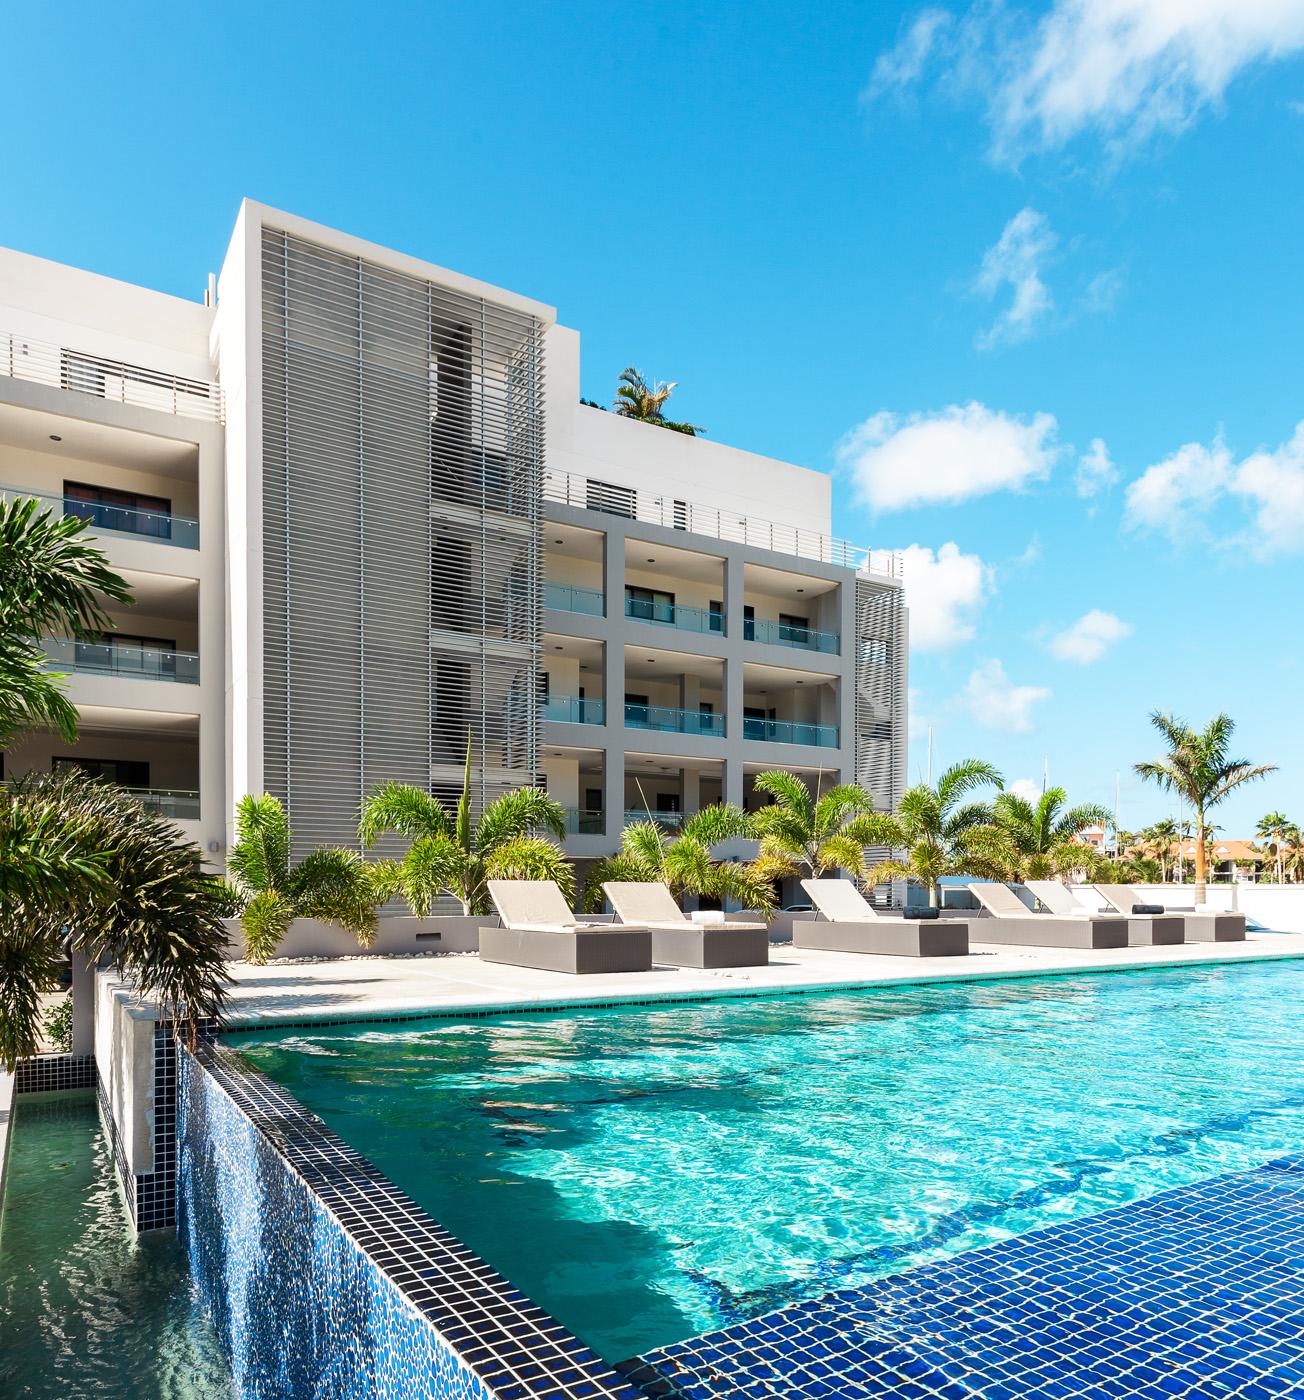 Las Brisas Residence & Marina - 485bd-_MG_7540.jpg